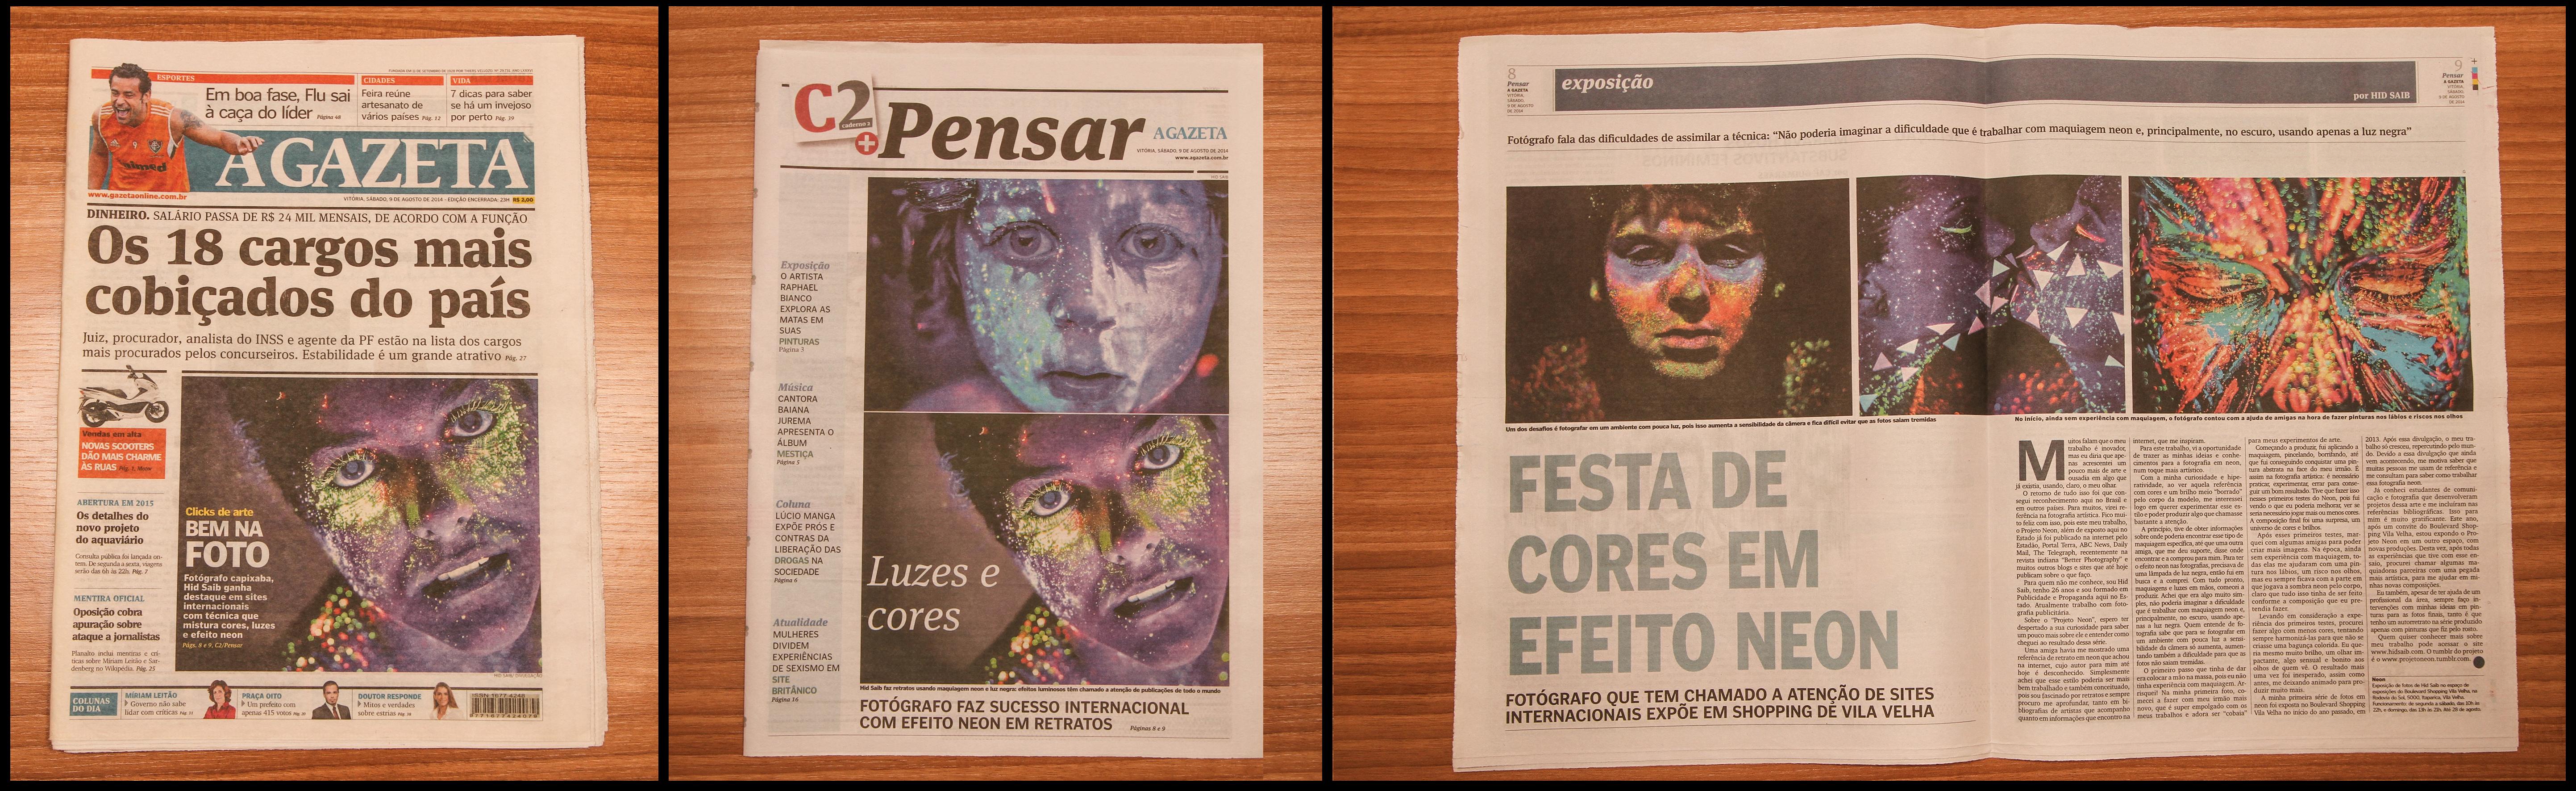 Montagem A Gazeta_Projeto Neon